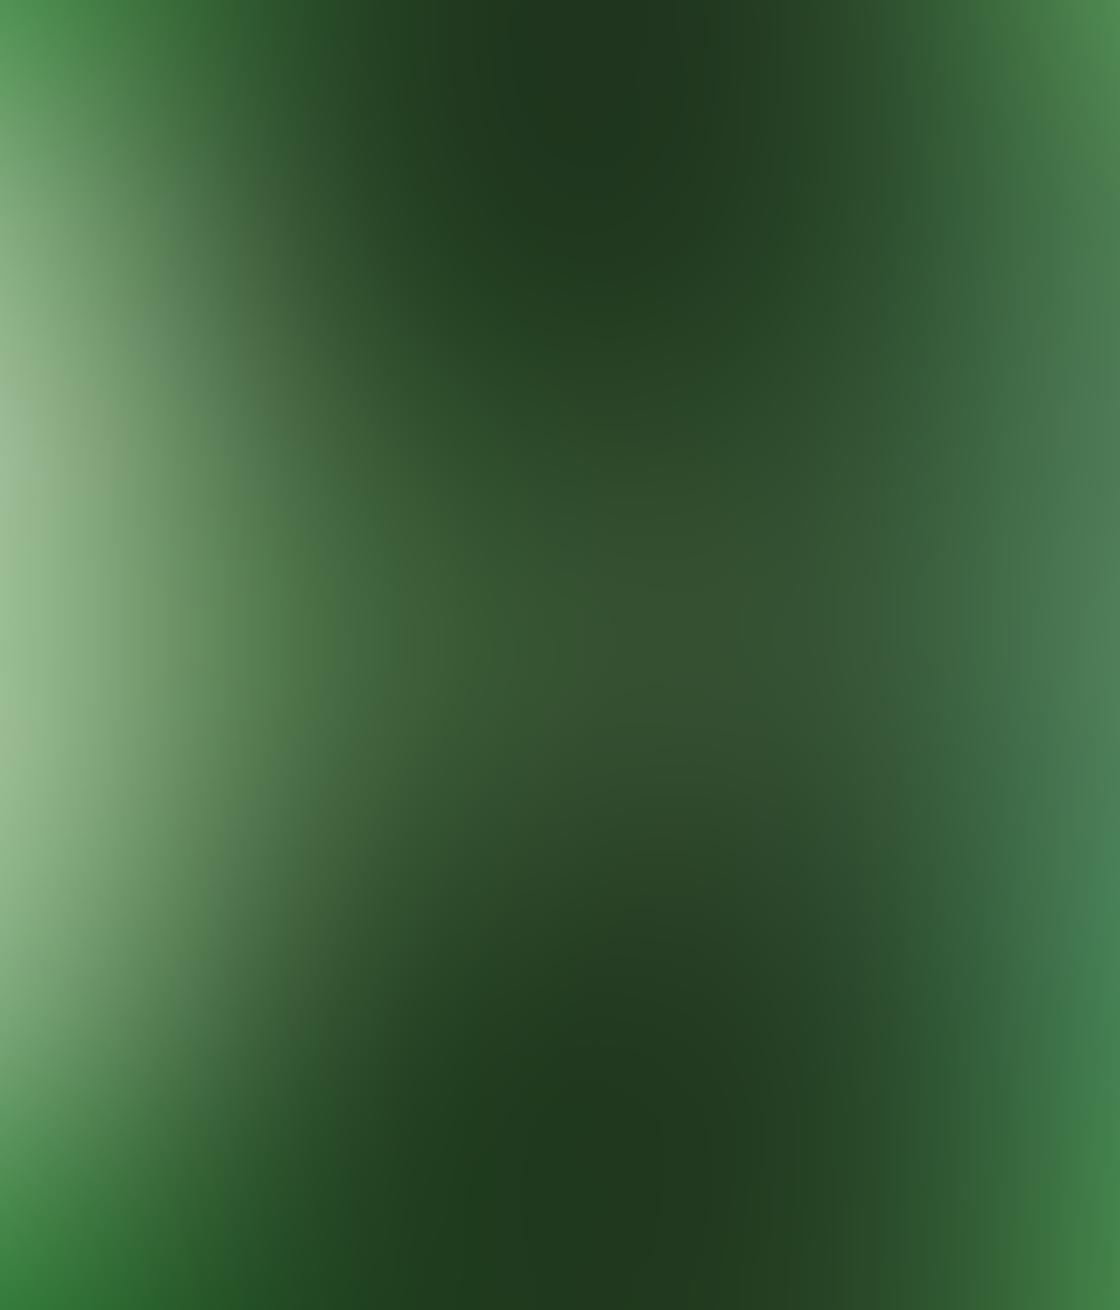 Green iPhone Photos 13